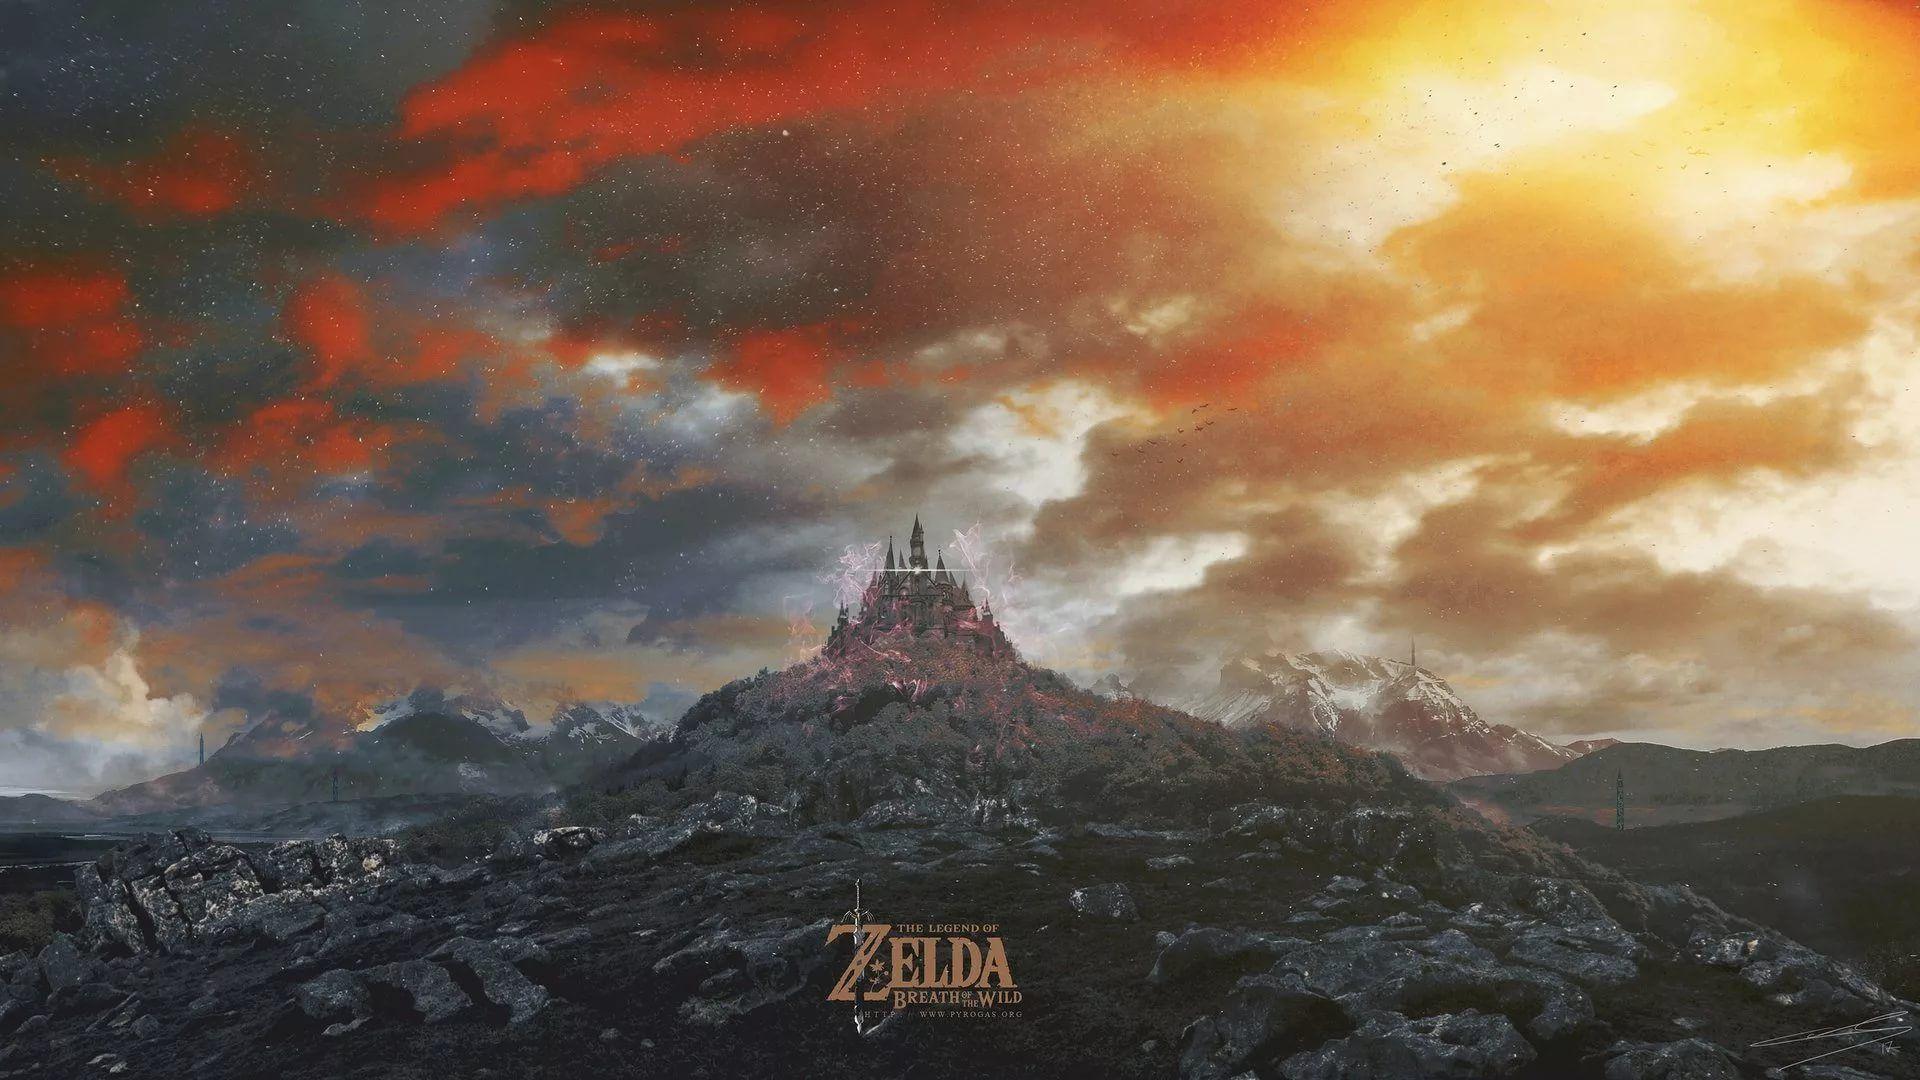 Zelda Live computer wallpaper